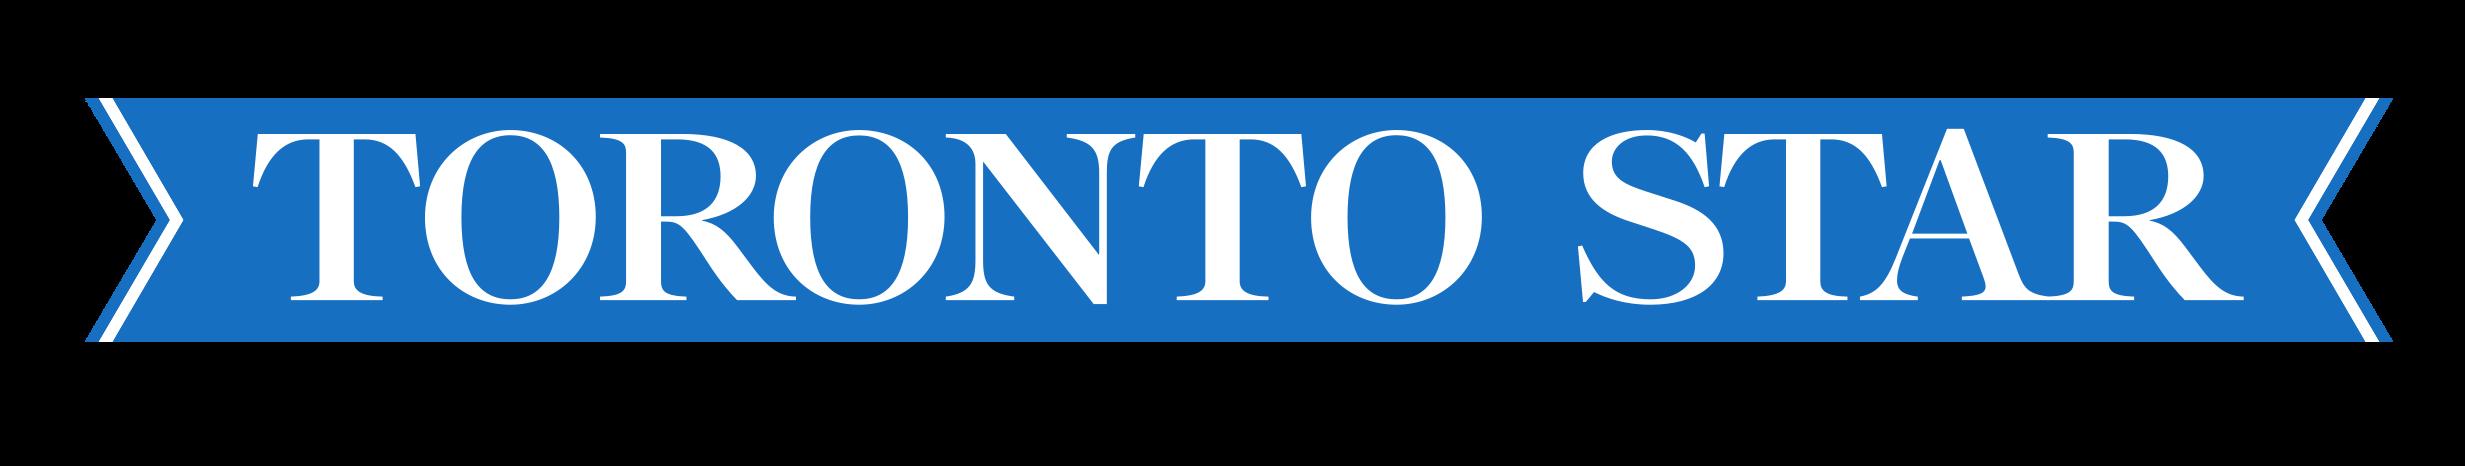 Toronto Star Blue Logo